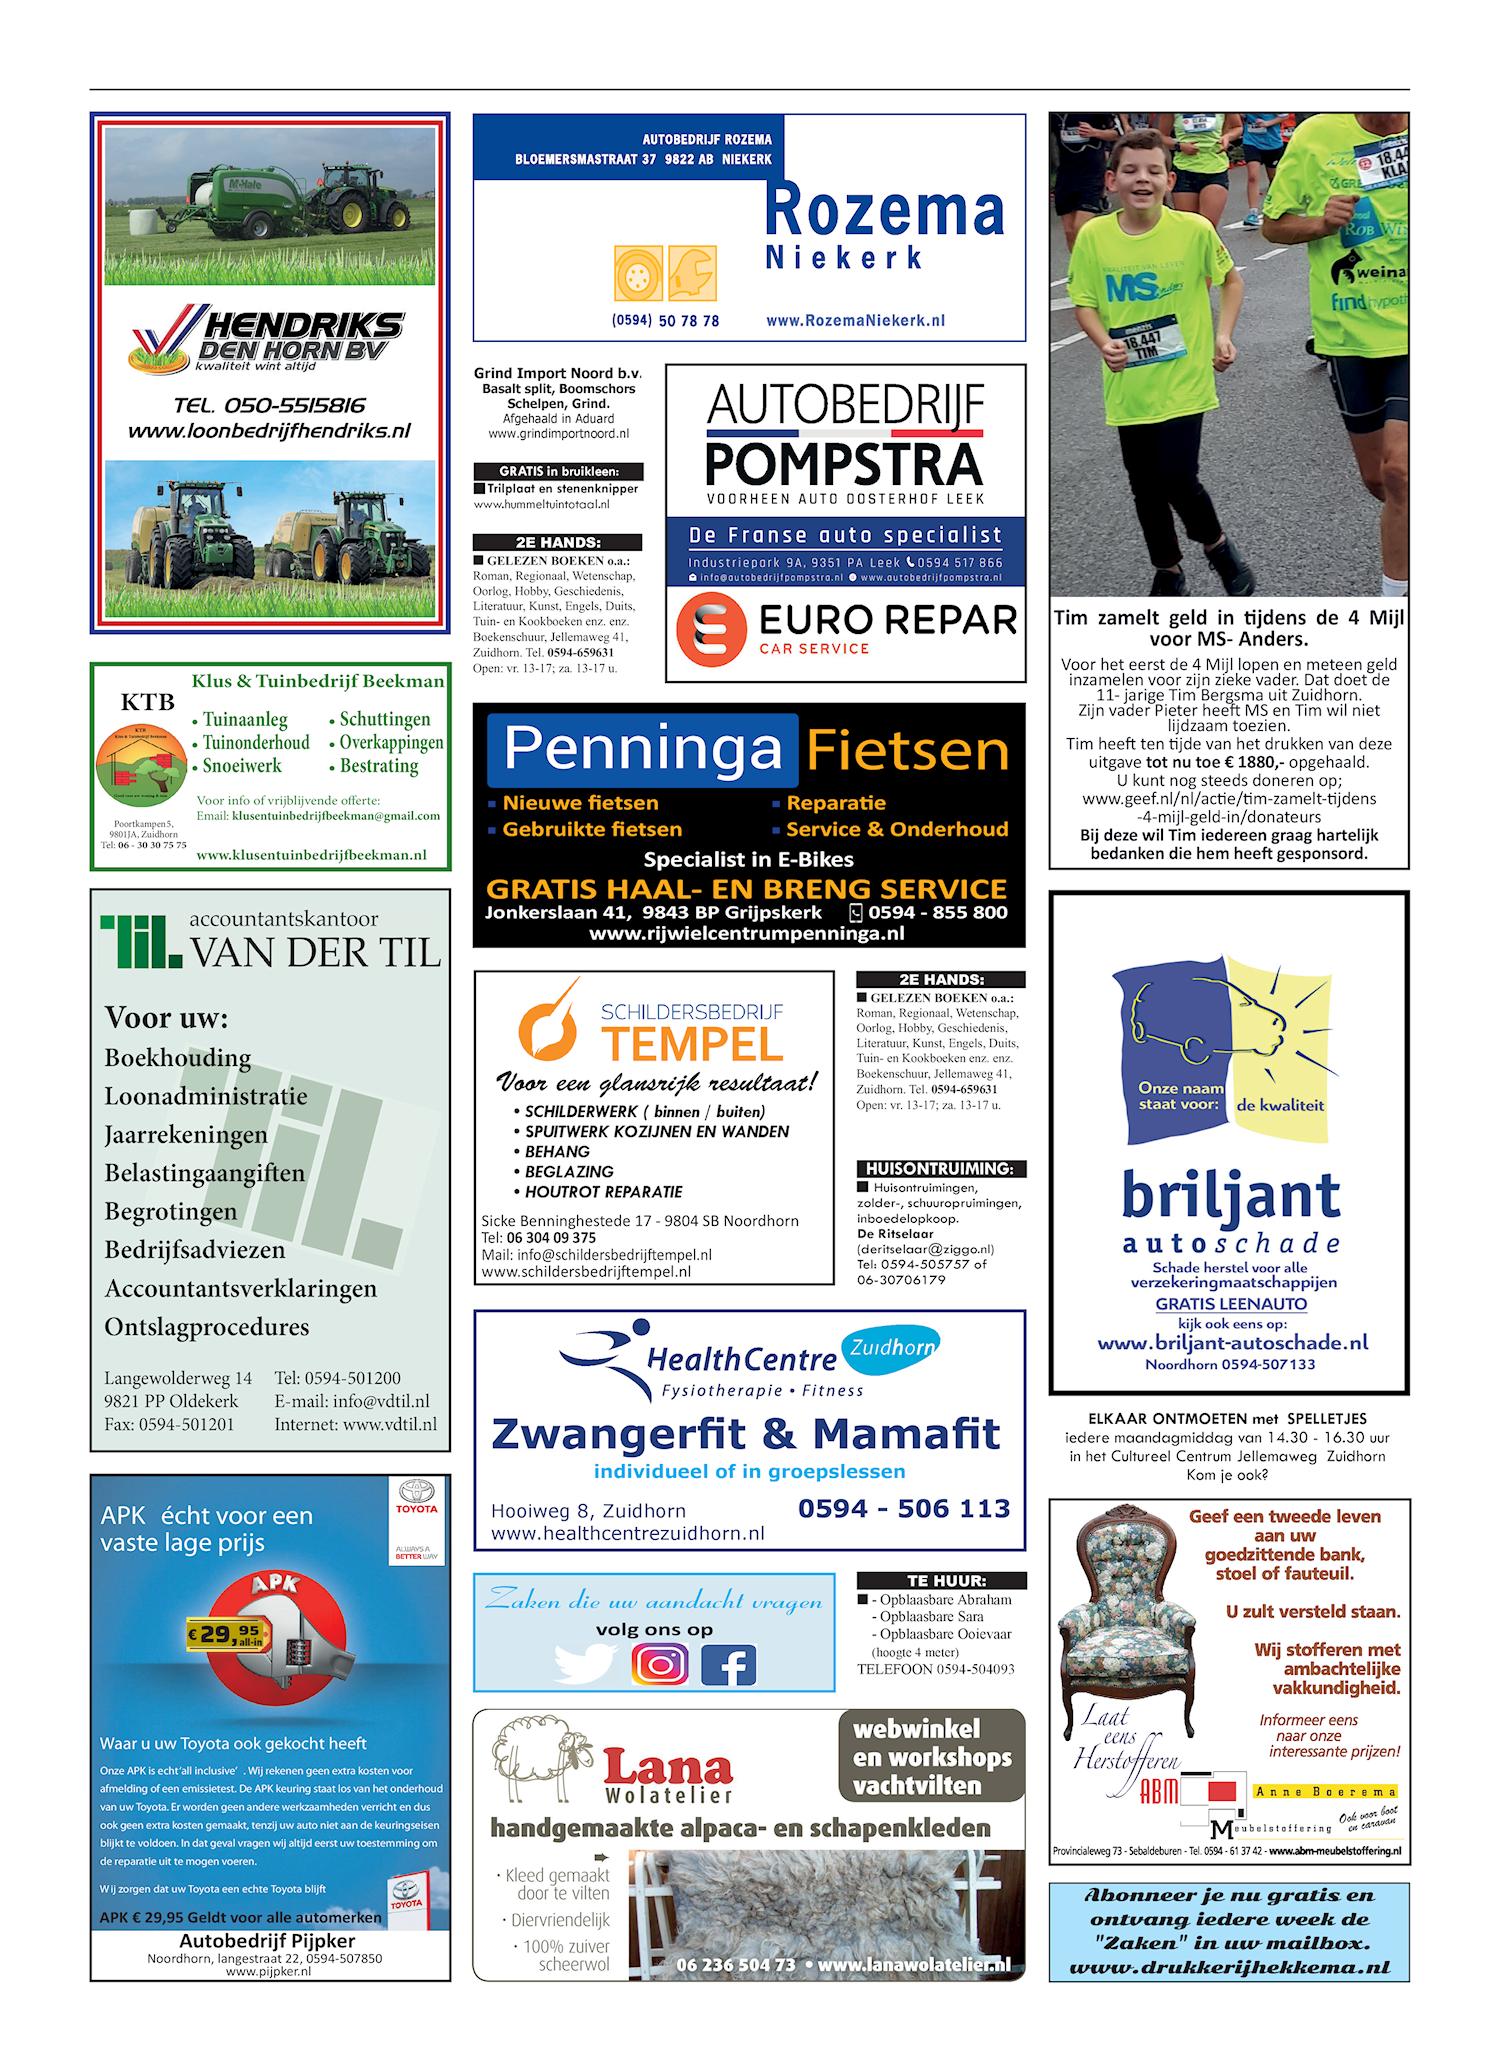 Drukkerij Hekkema - Zuidhorn - Zaken die uw aandacht vragen 2019 week 42